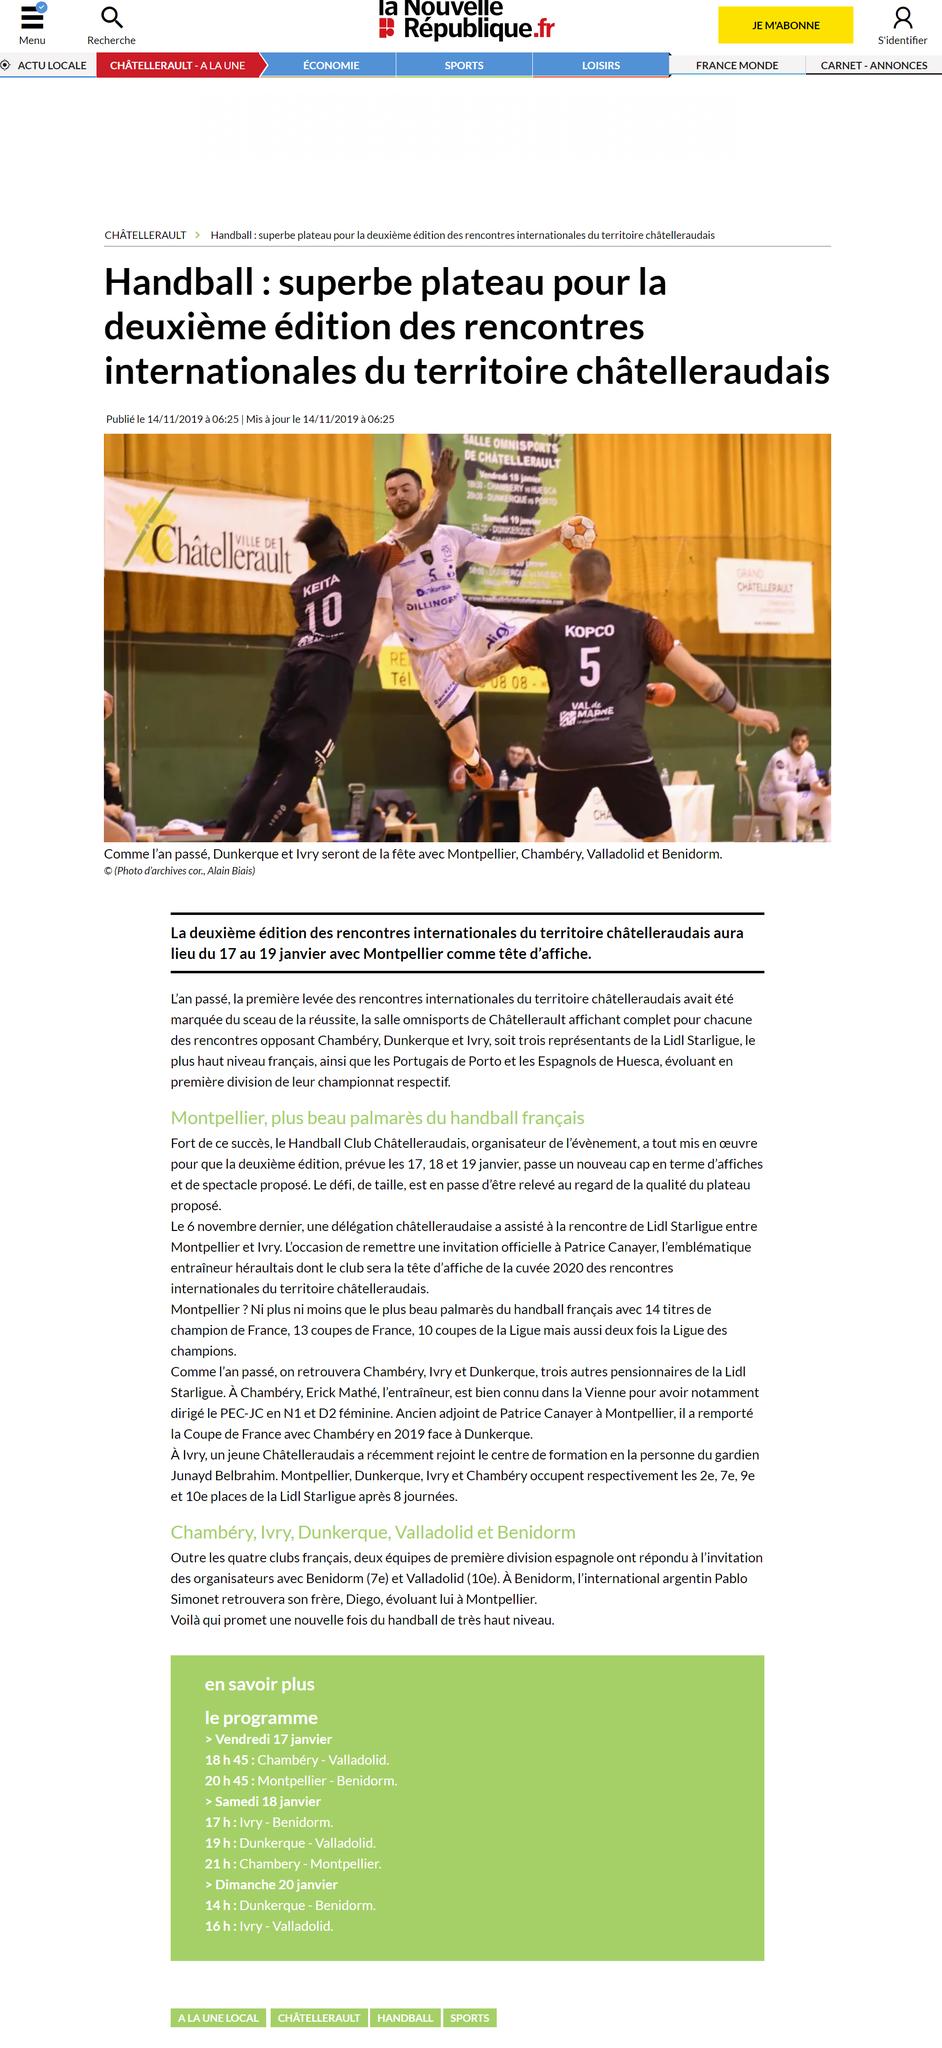 La Nouvelle République, article du 14 novembre 2019